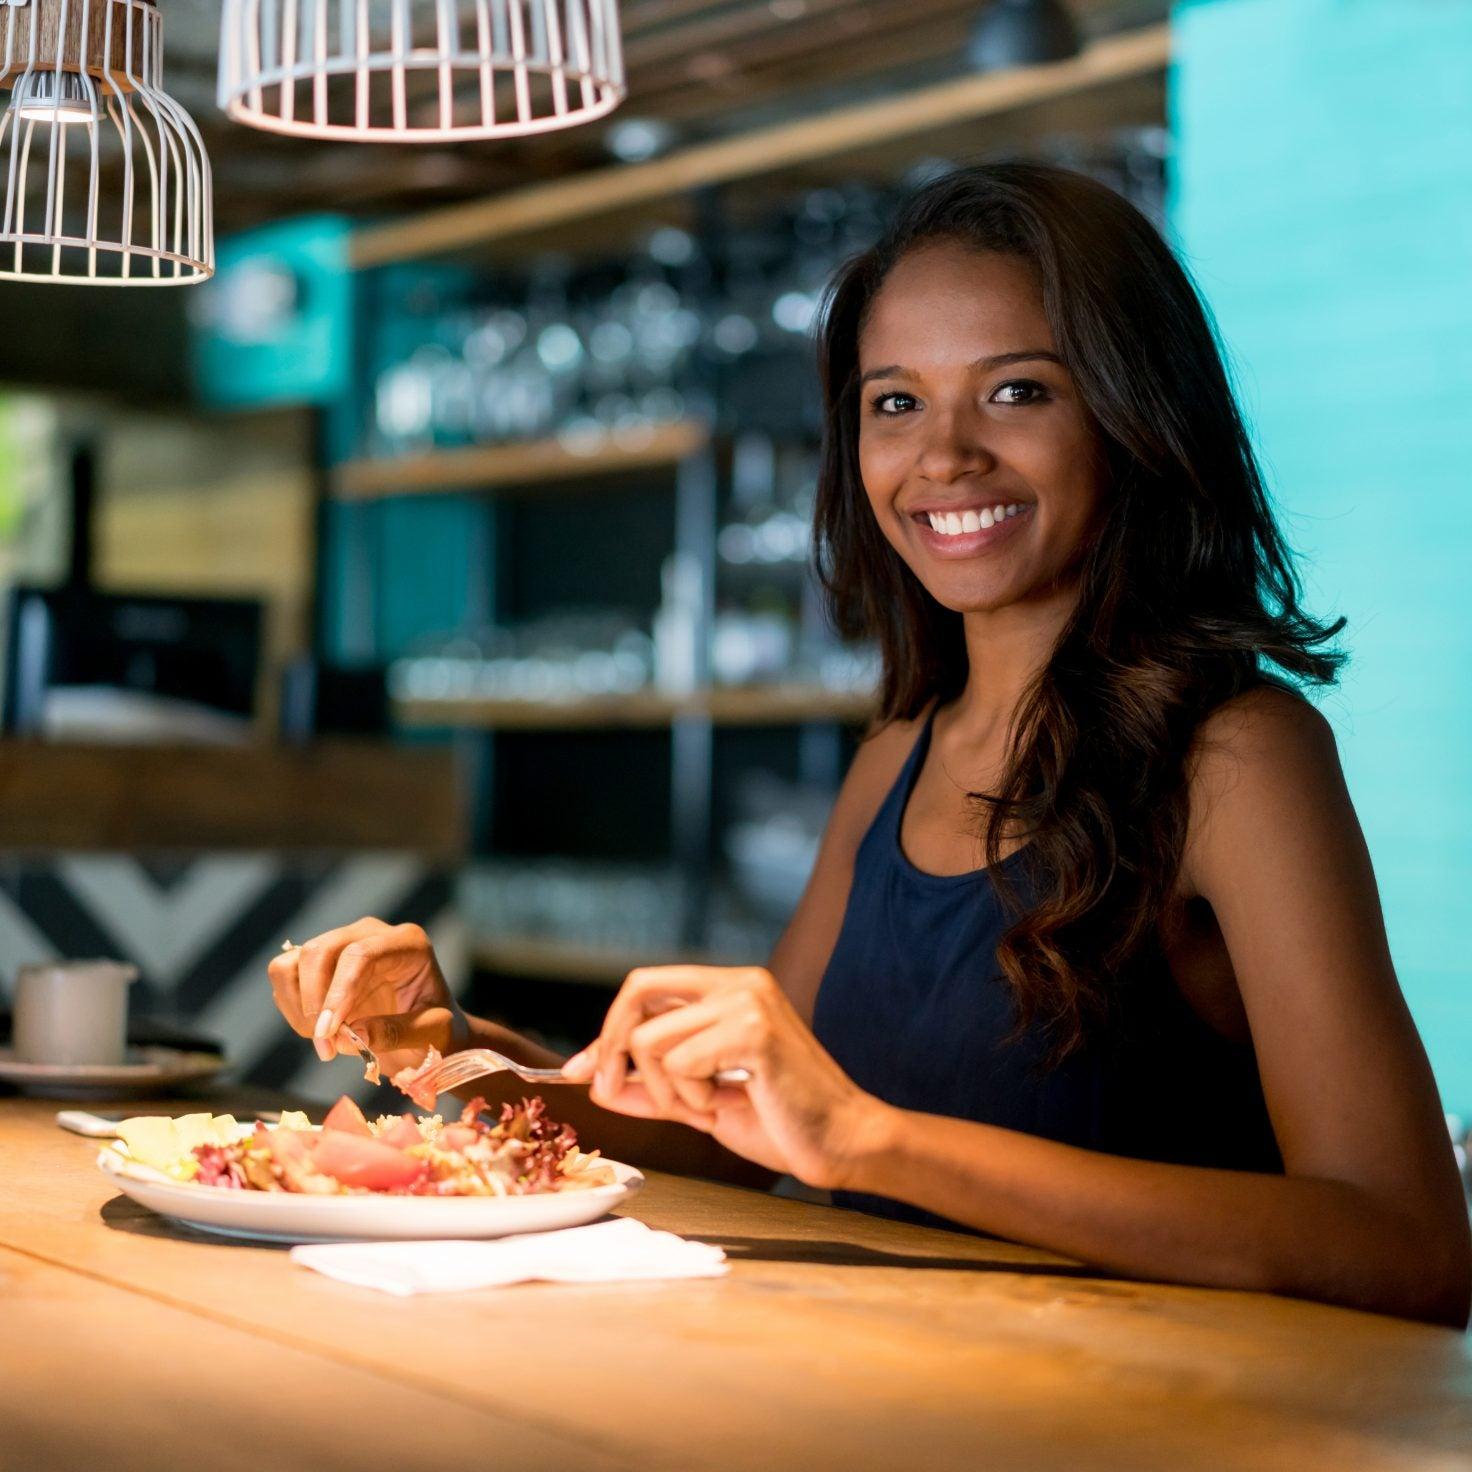 Indulge! Dine at Houston's Best Restaurants